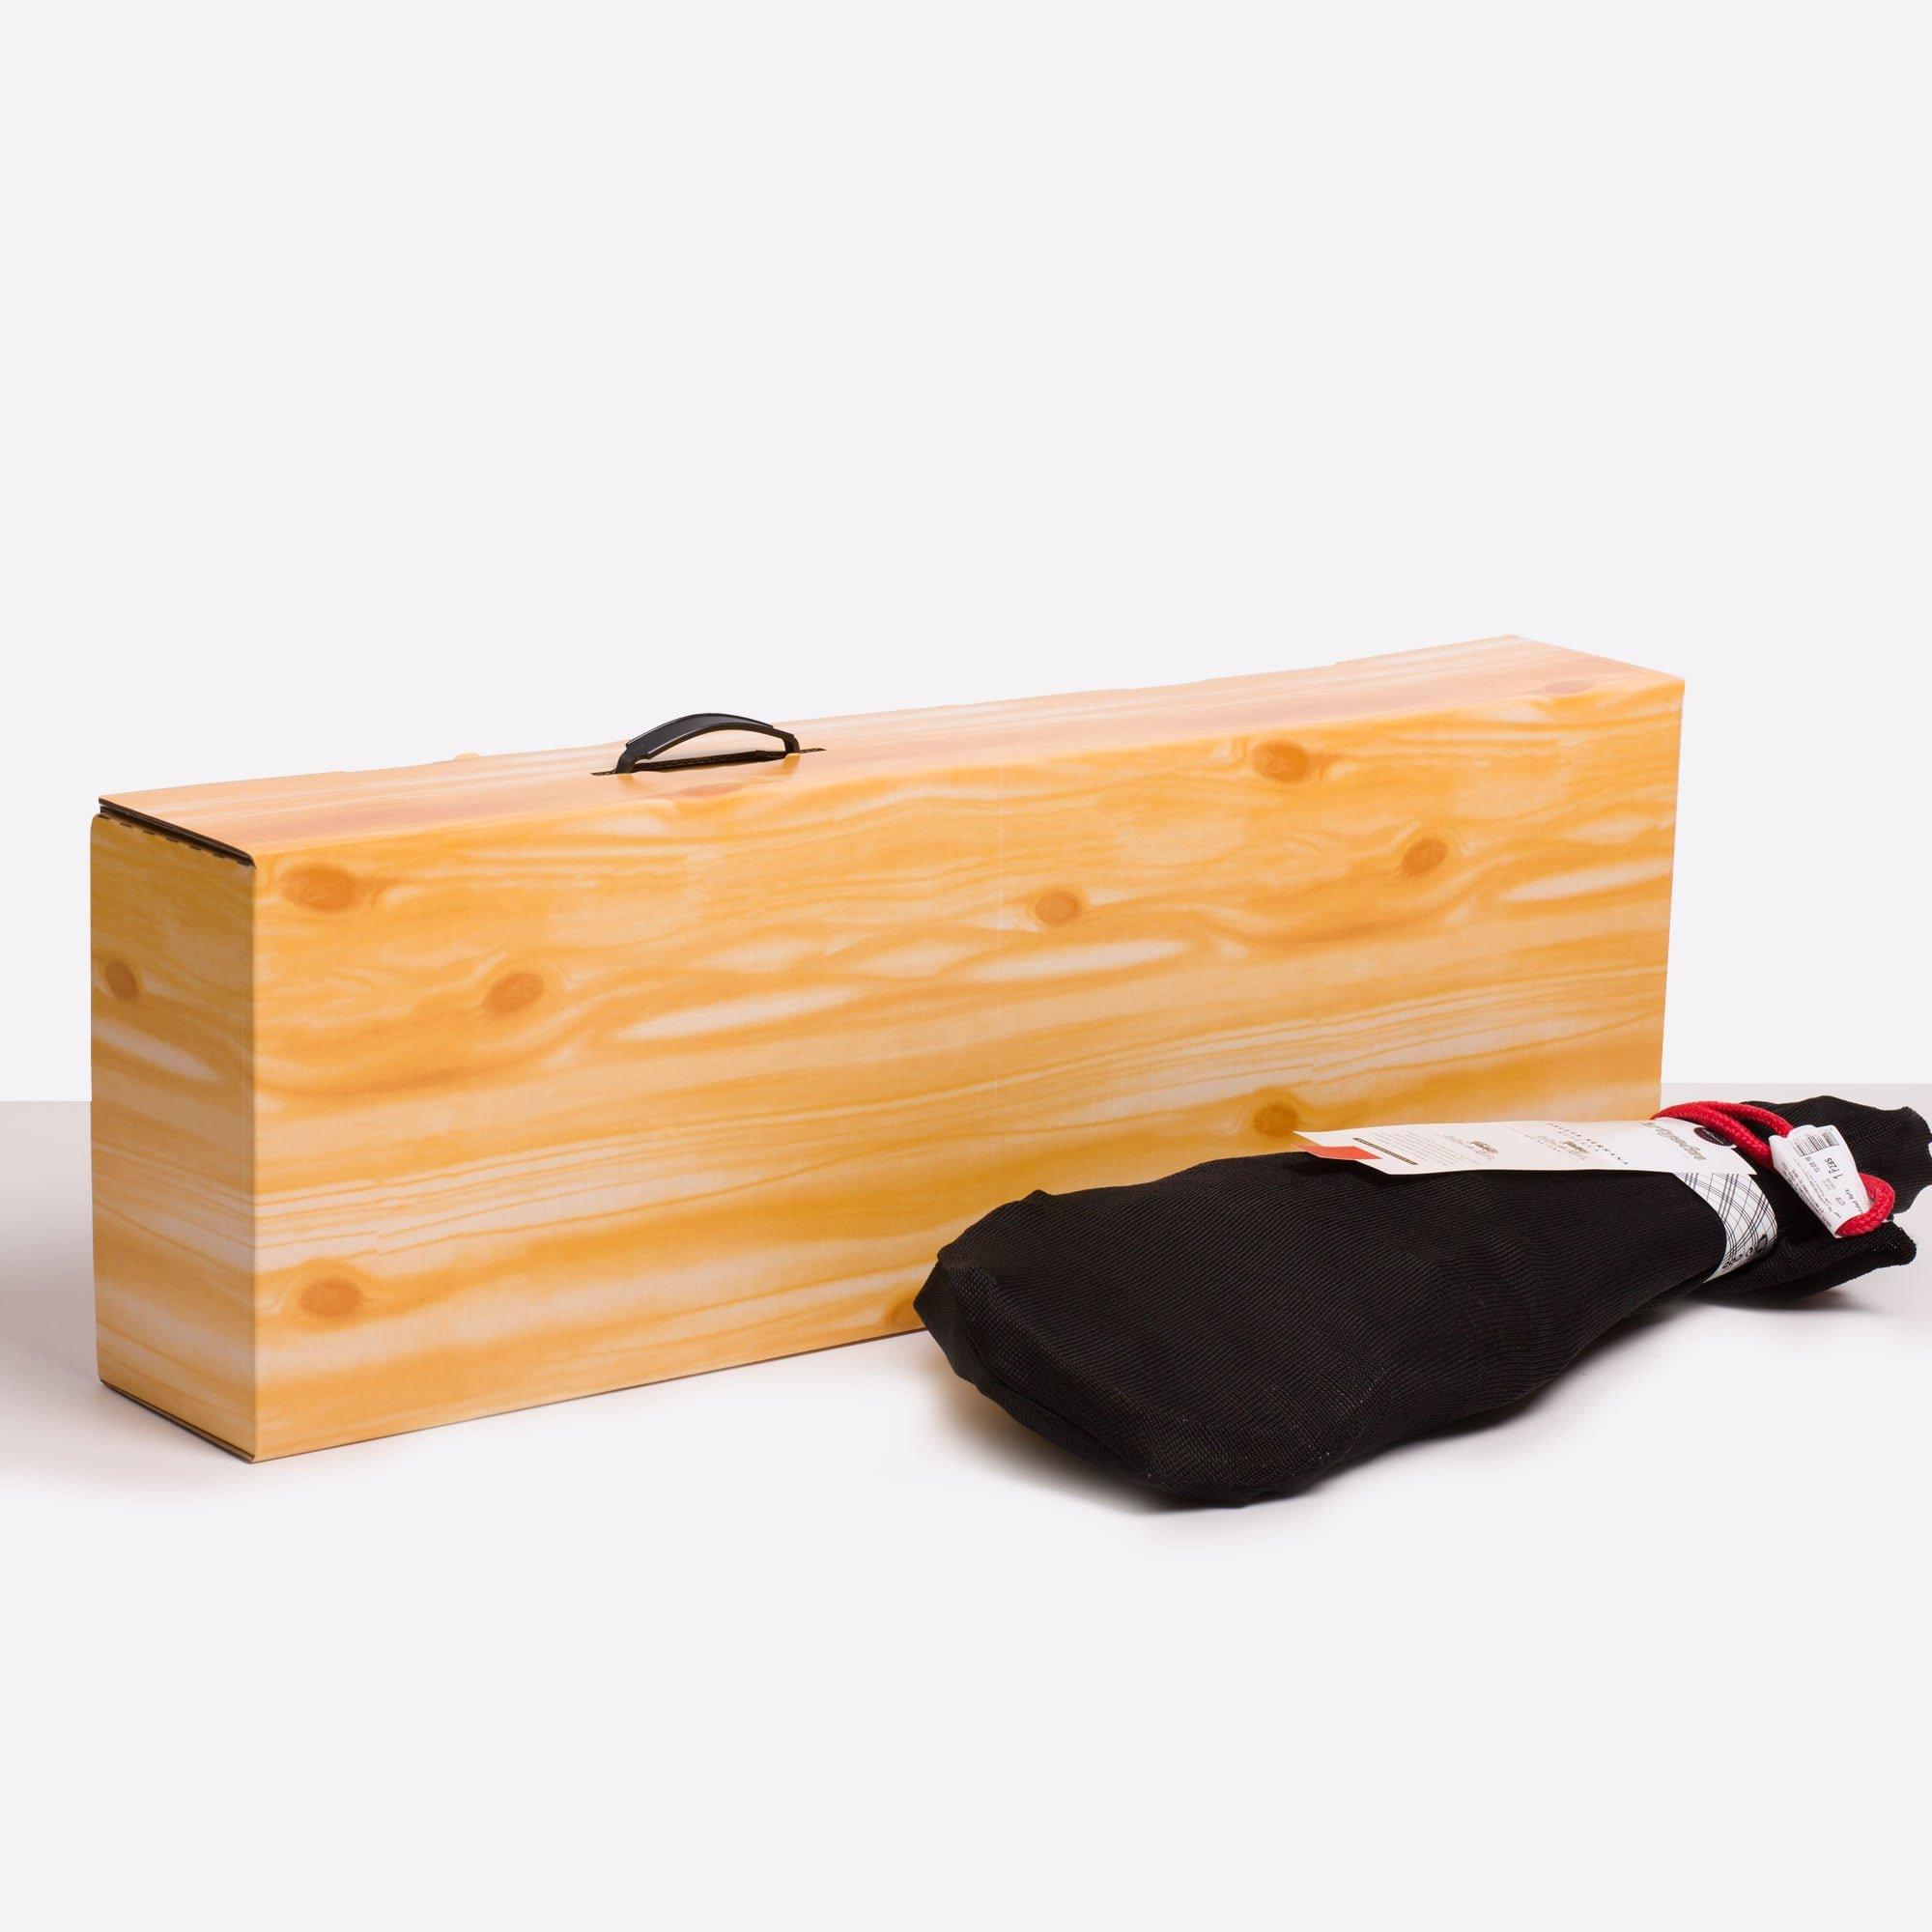 x10) Pack Estuche para Jamón - Efecto Madera EXTRAFUERTES doble onda reforzada cartón estucado - (89x13x27 cms) TeleCajas: Amazon.es: Oficina y papelería